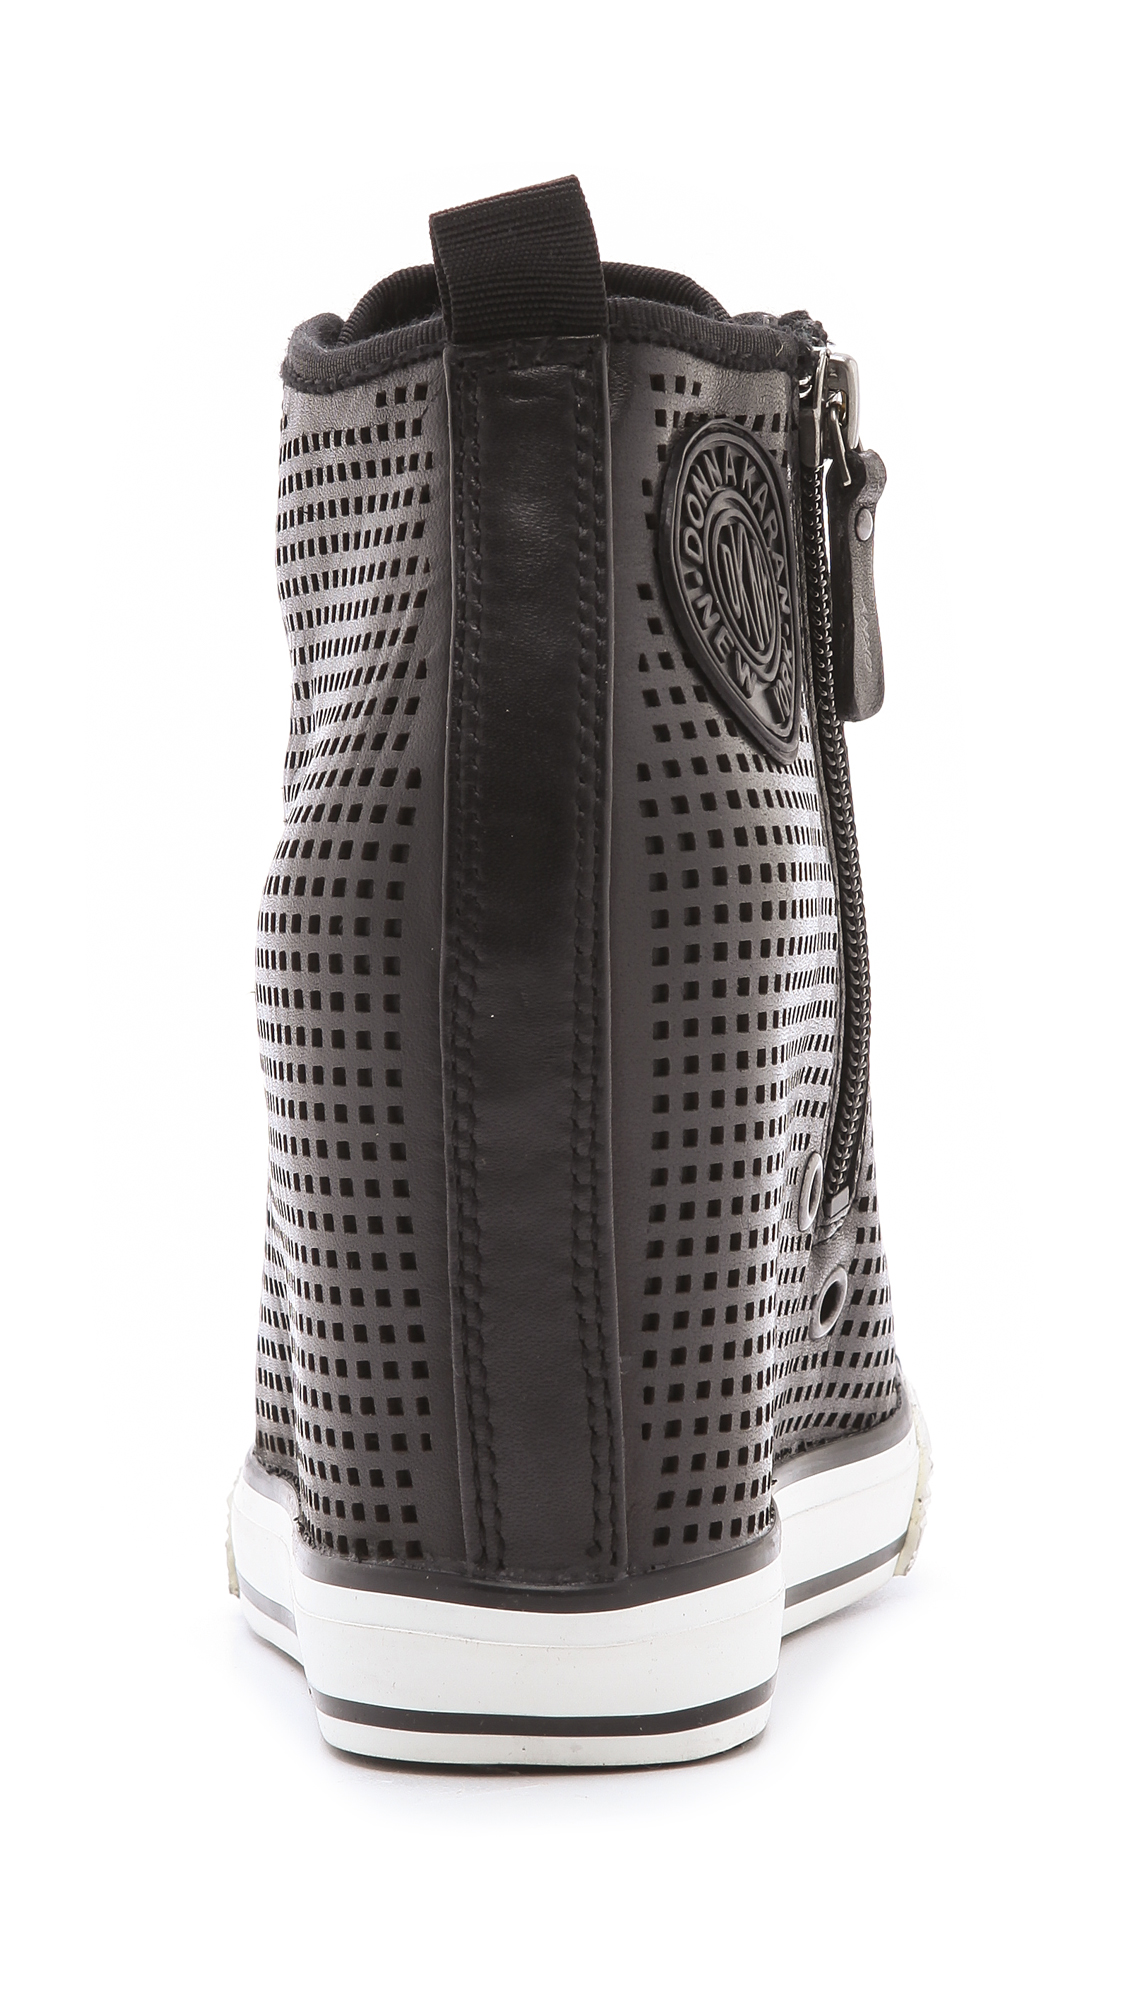 bd820ae0b5b4 DKNY Grommet Wedge Sneakers